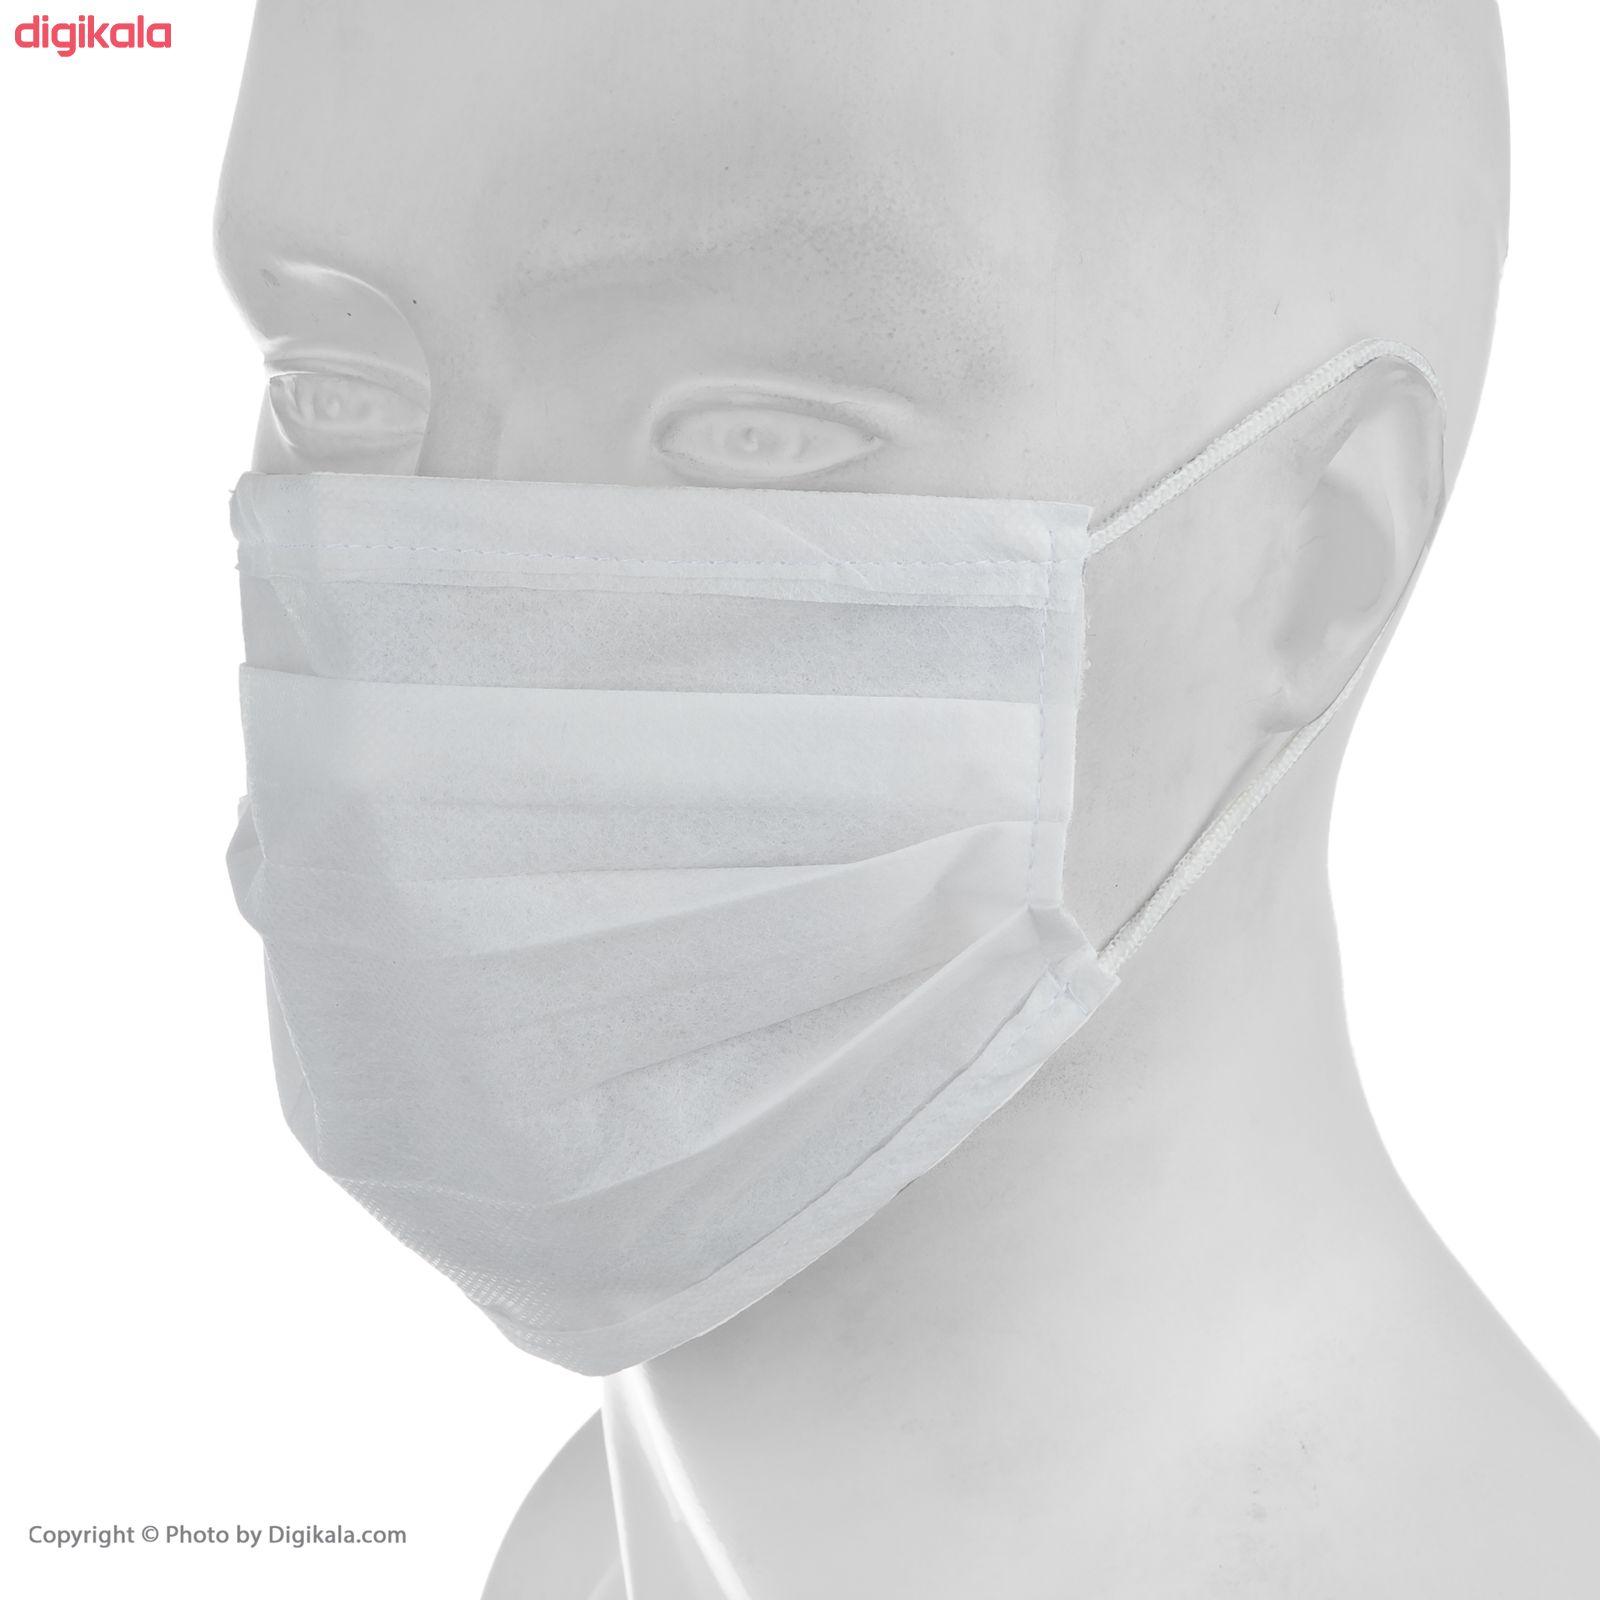 ماسک تنفسی مدل M01 بسته 10 عددی main 1 6